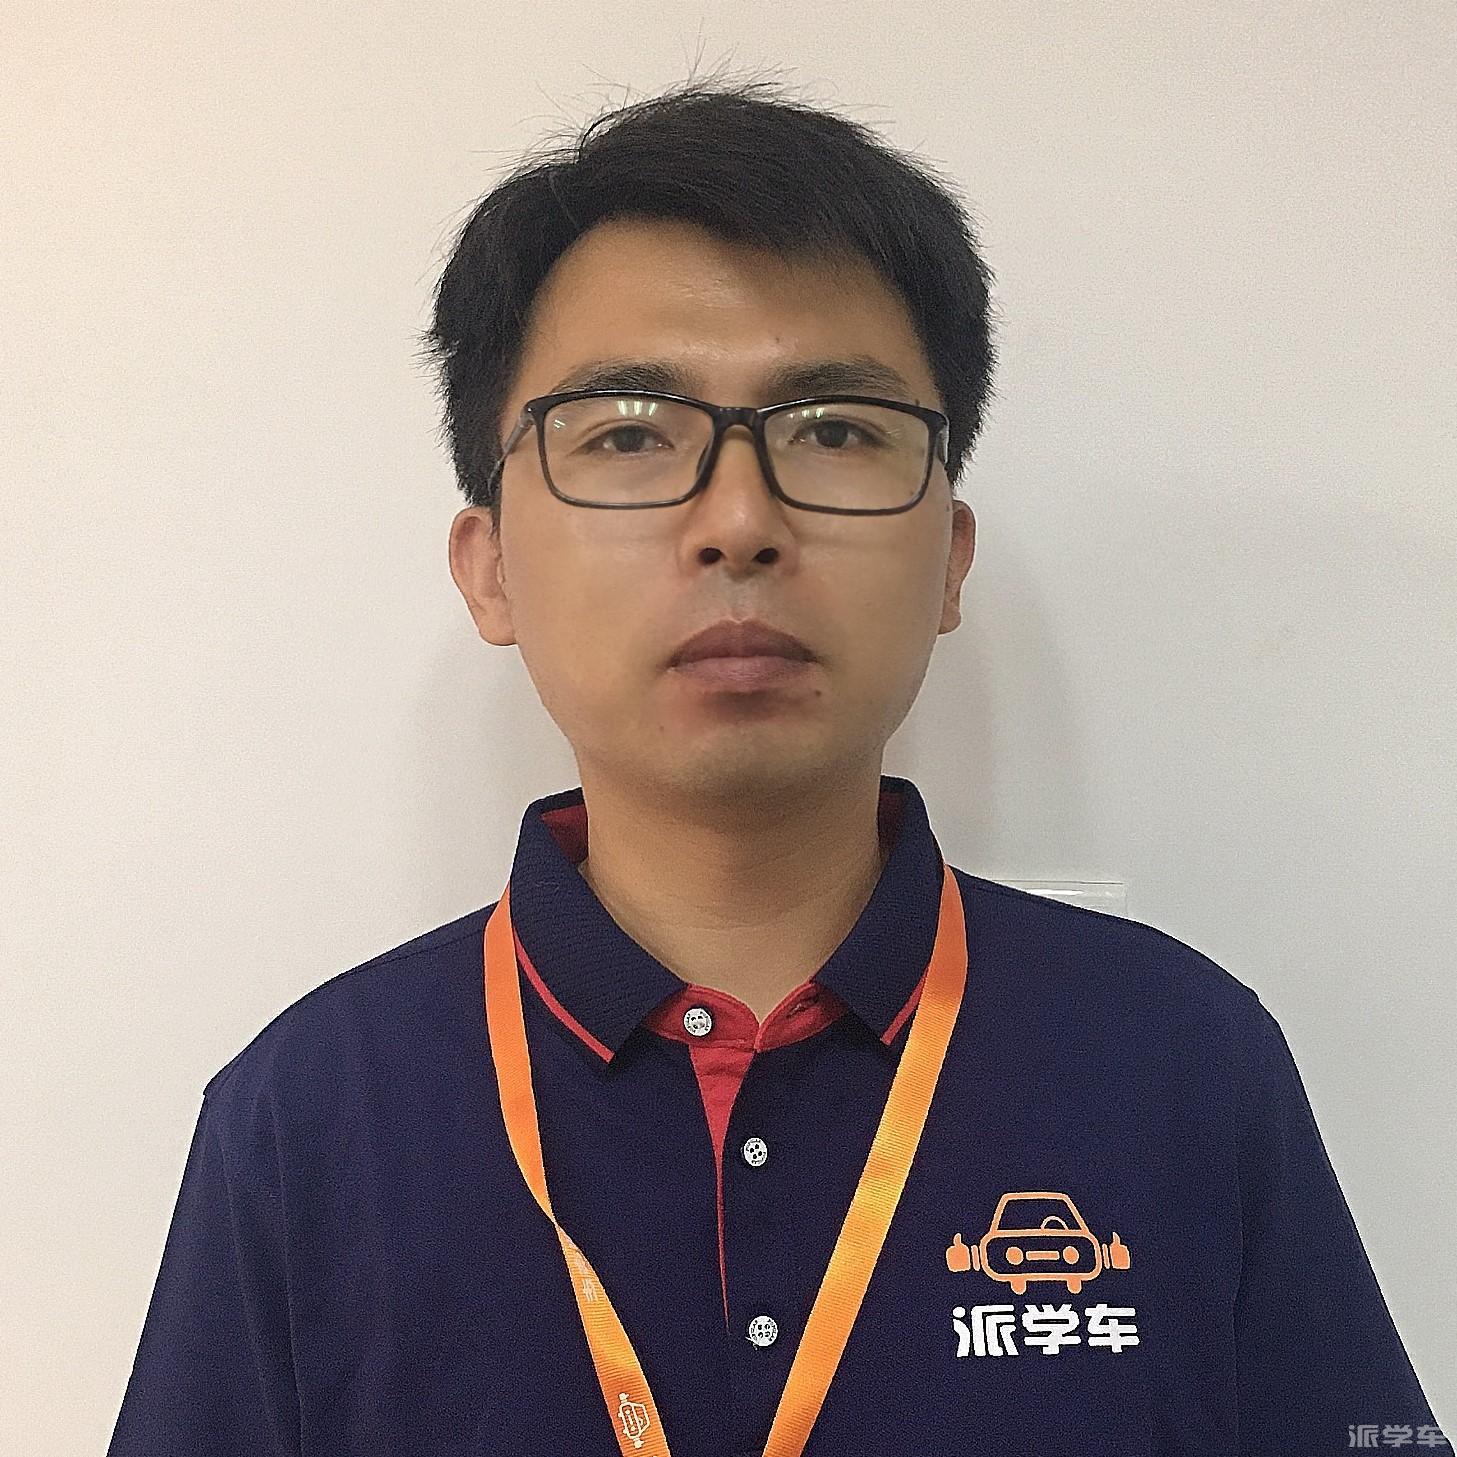 教练王永斌